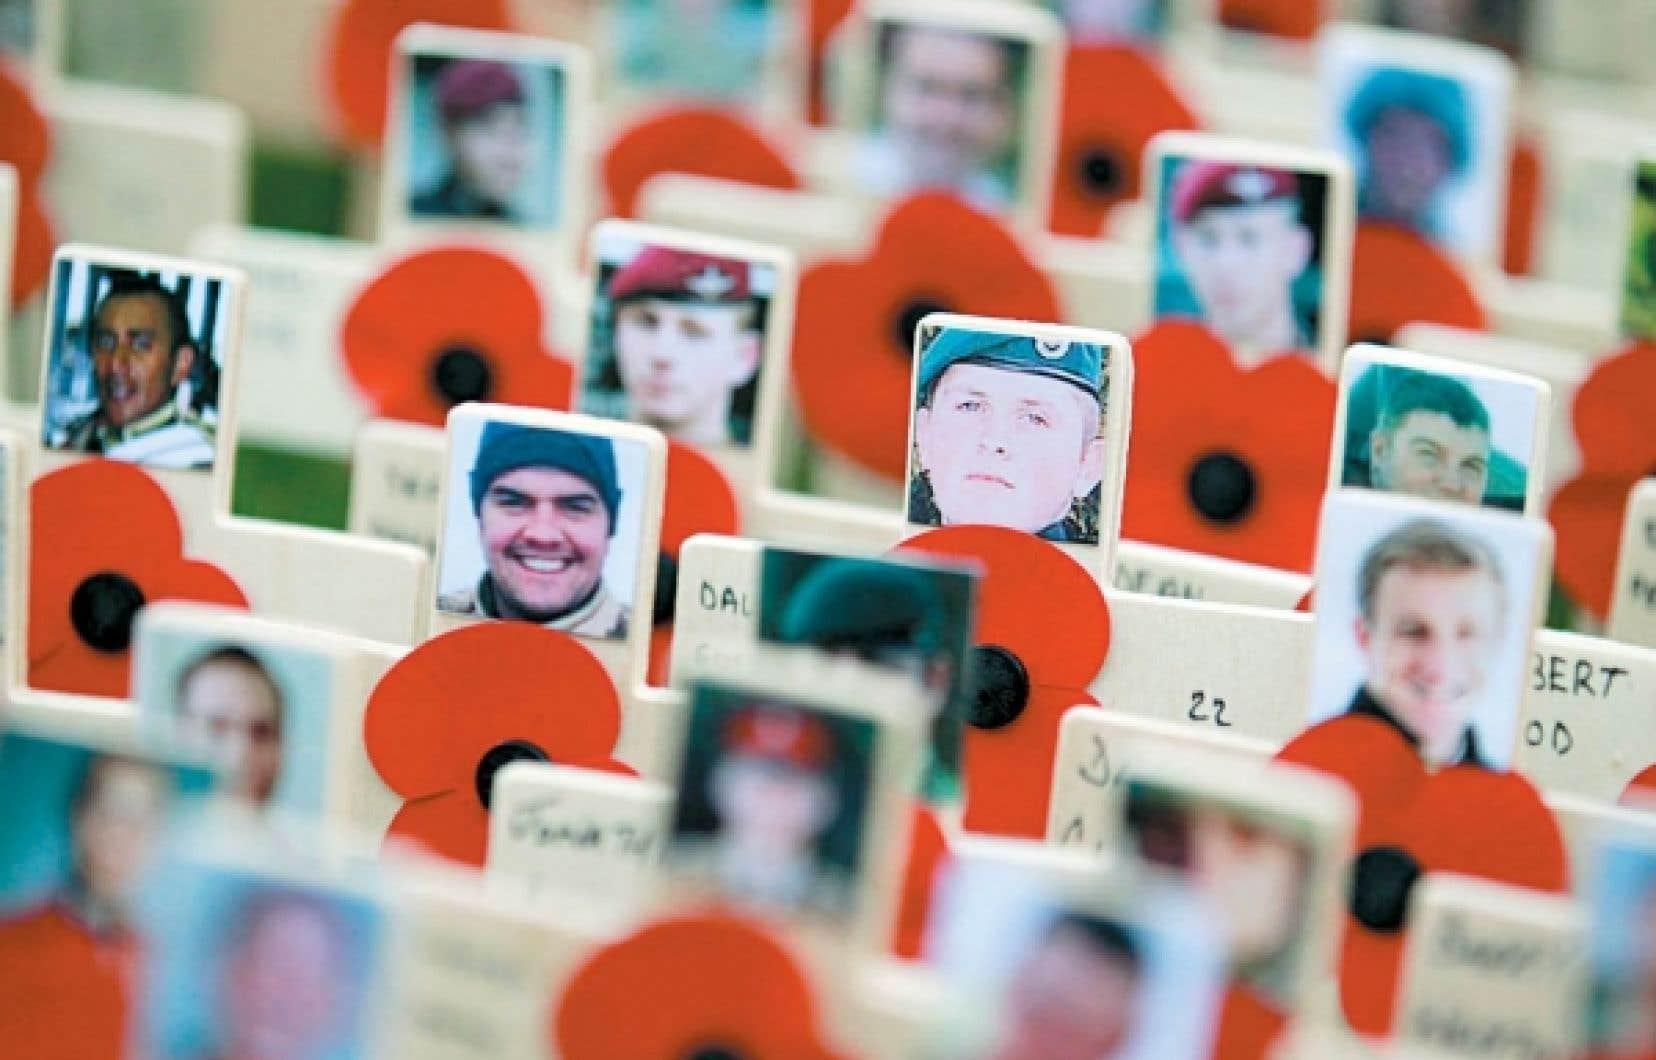 Comme ici à Londres, partout en Occident, à l'occasion du jour du Souvenir, nous célébrons aujourd'hui le courage des hommes morts au combat. Il serait aussi pertinent, affirme l'auteure, de se souvenir des civils victimes des guerres passées et actuelles, principalement des femmes et des enfants.